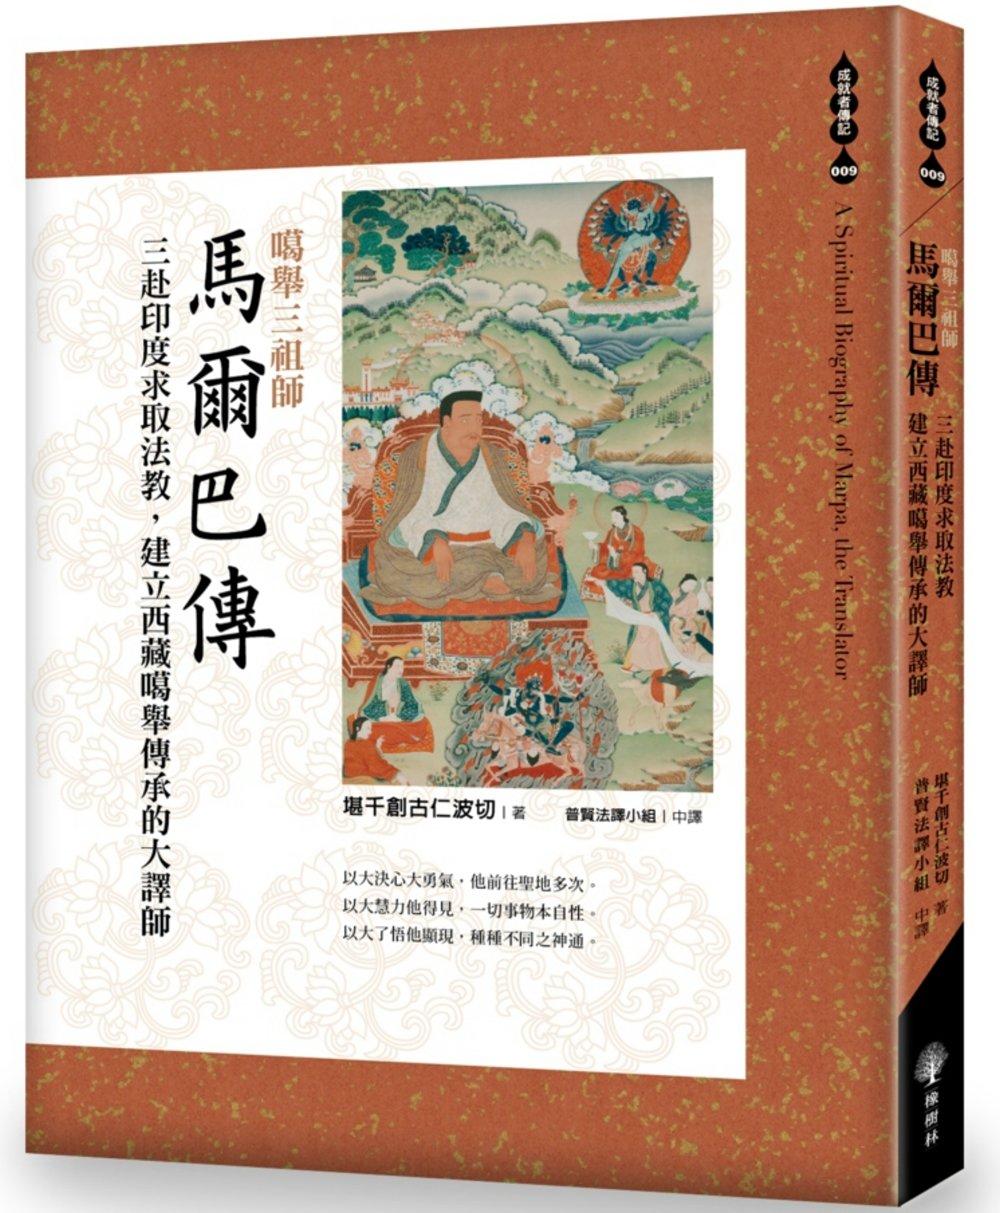 噶舉三祖師:馬爾巴傳:三赴印度求取法教,建立西藏噶舉傳承的大譯師